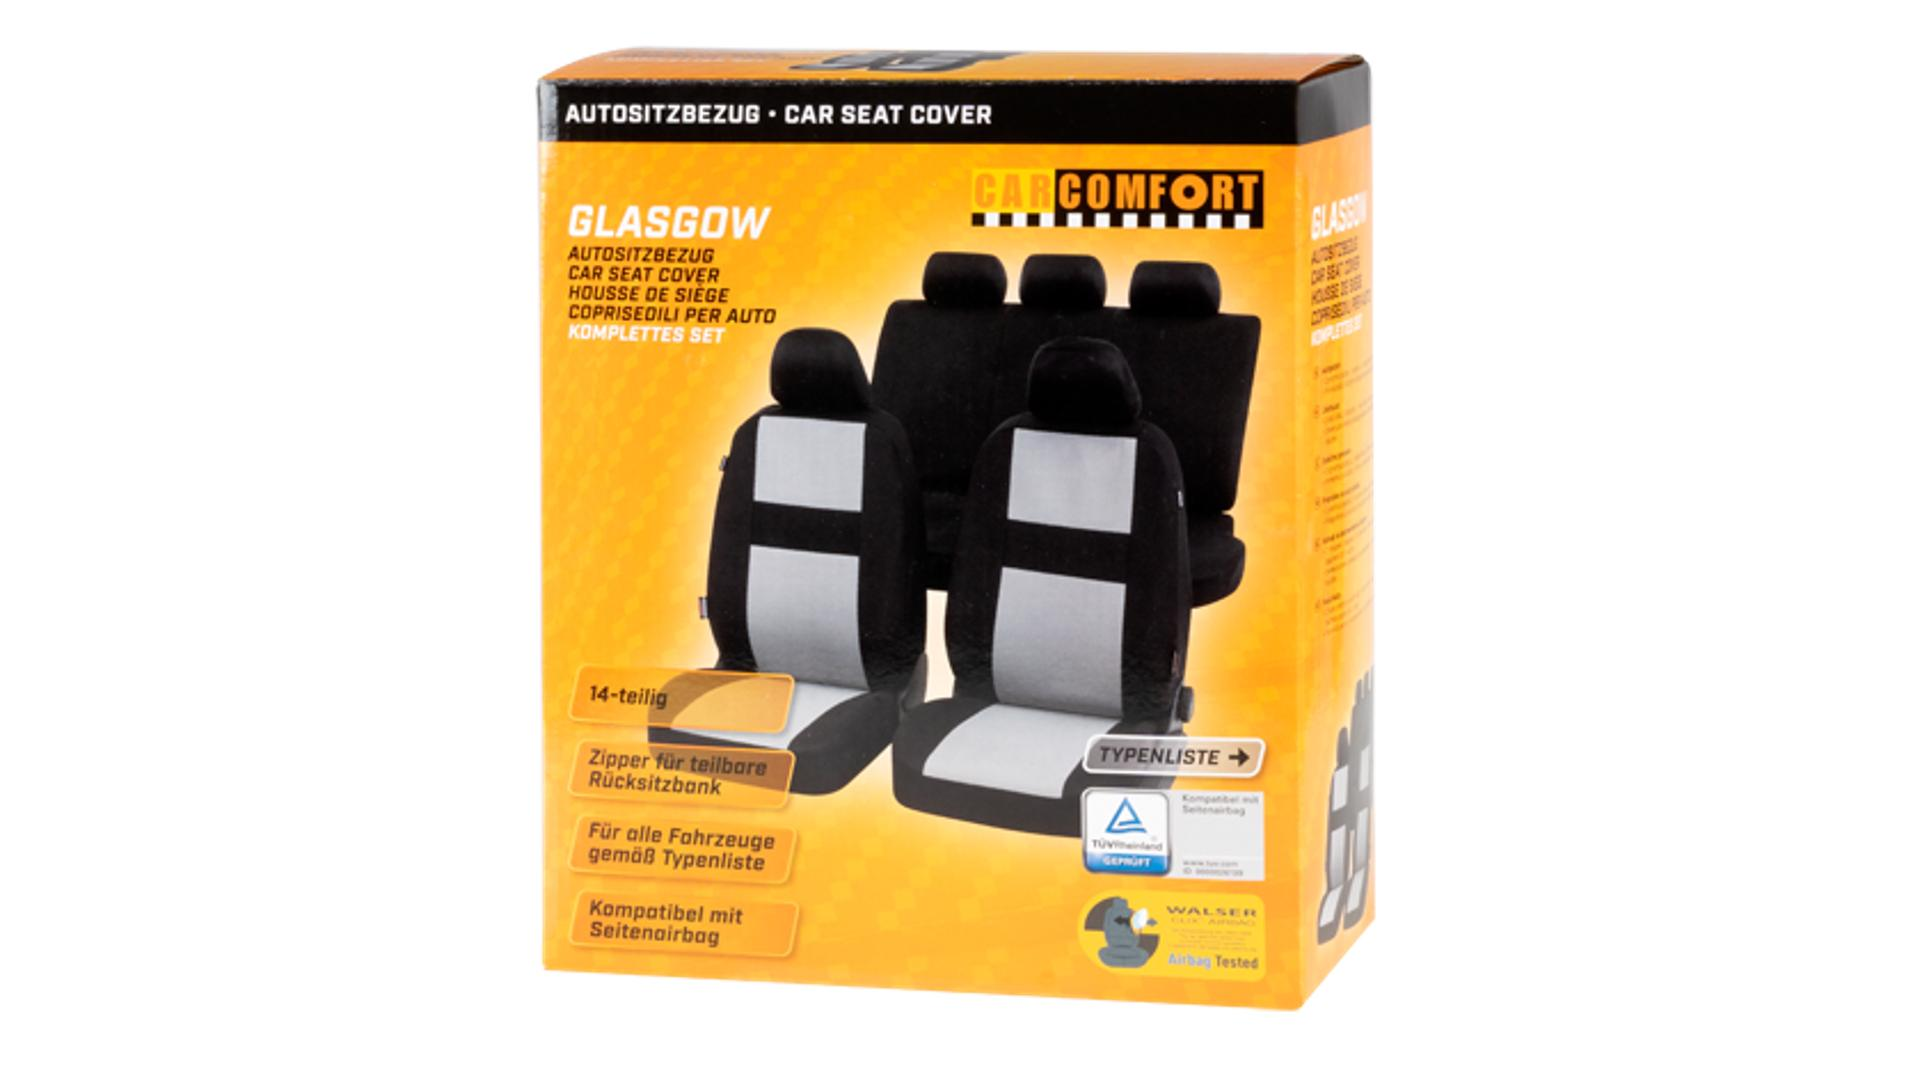 Walser Potah autosedacky Glasgow 2VS 5NS 1RS 5 kusů černo-šedá Slot